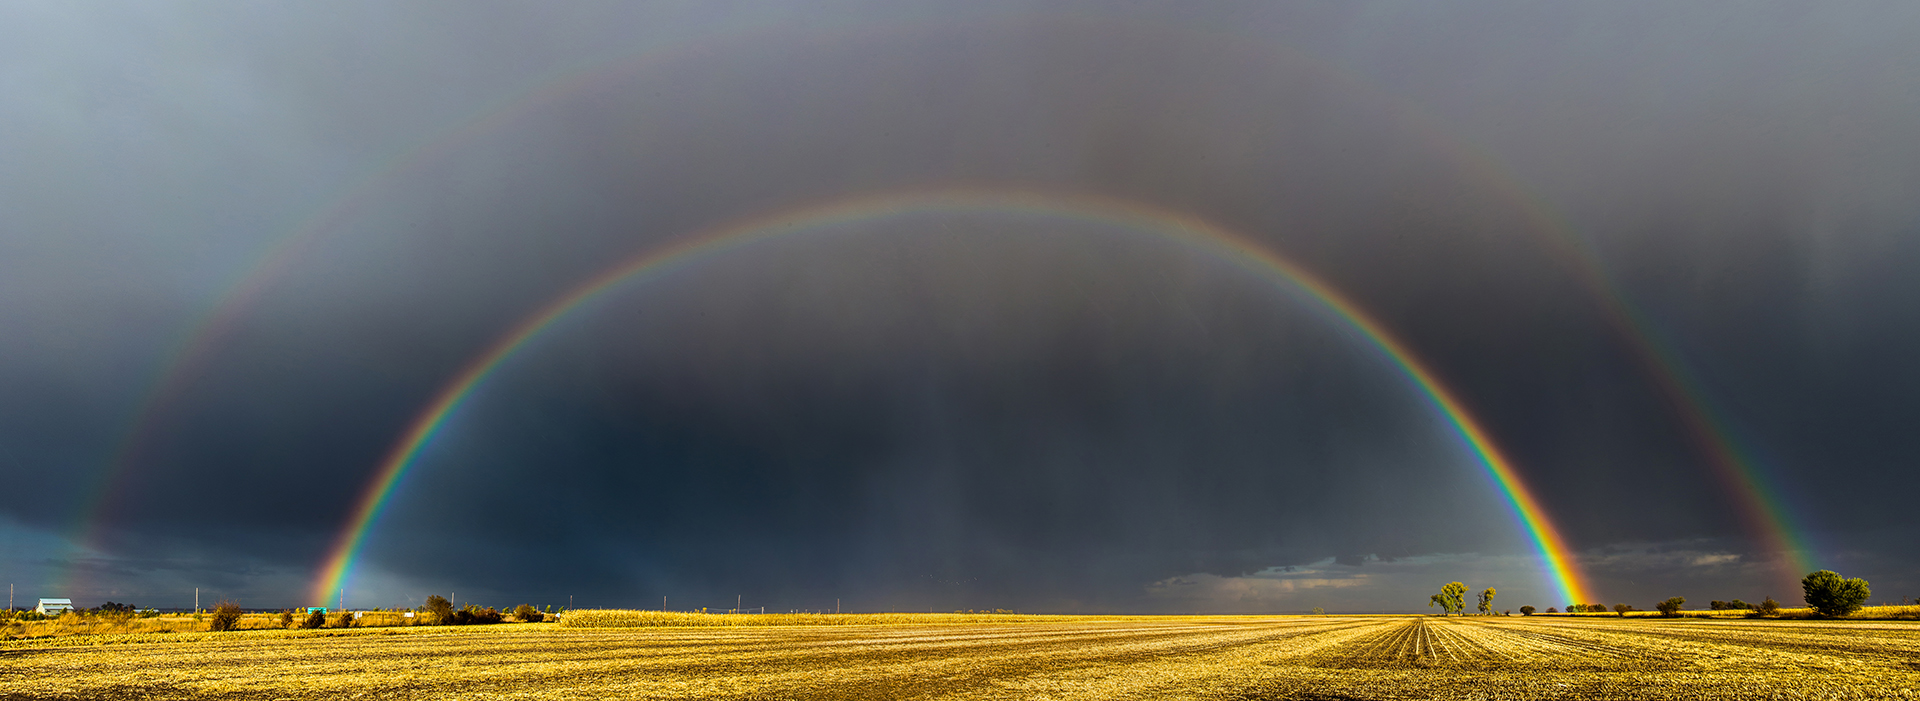 Valley, NE Rainbow